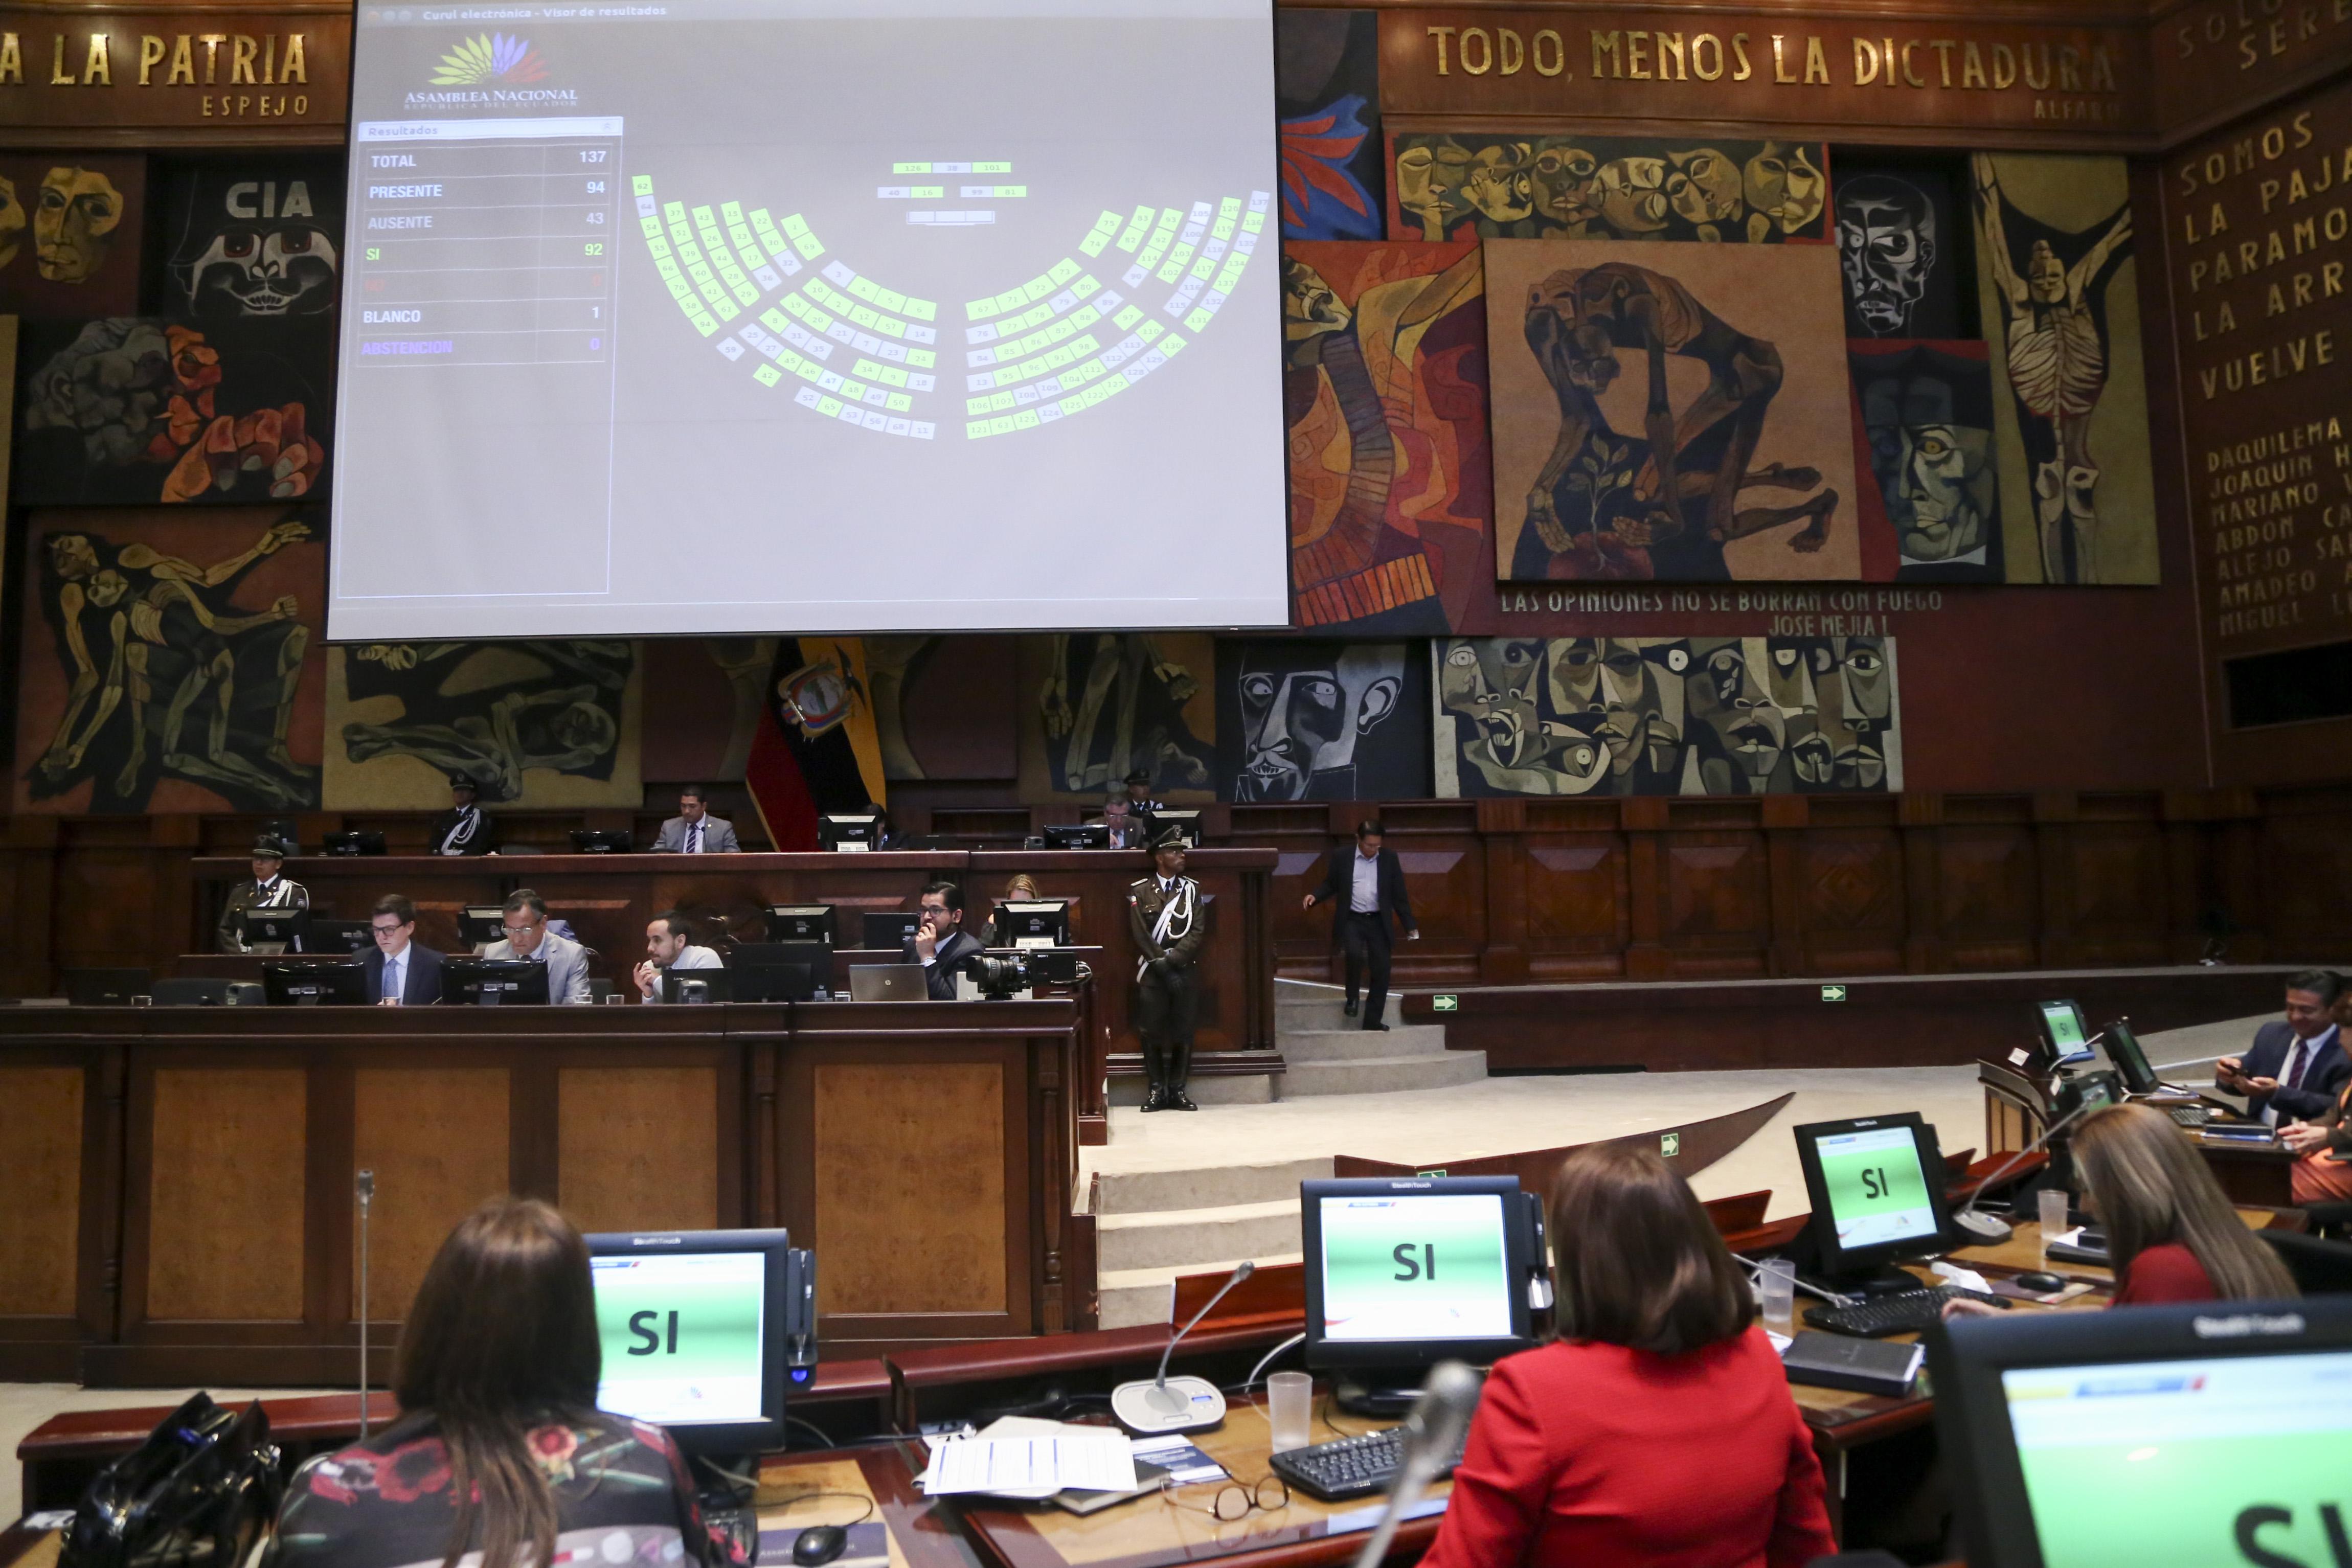 Asamblea ecuatoriana reafirmó su compromiso con los ODS y la Agenda 2030